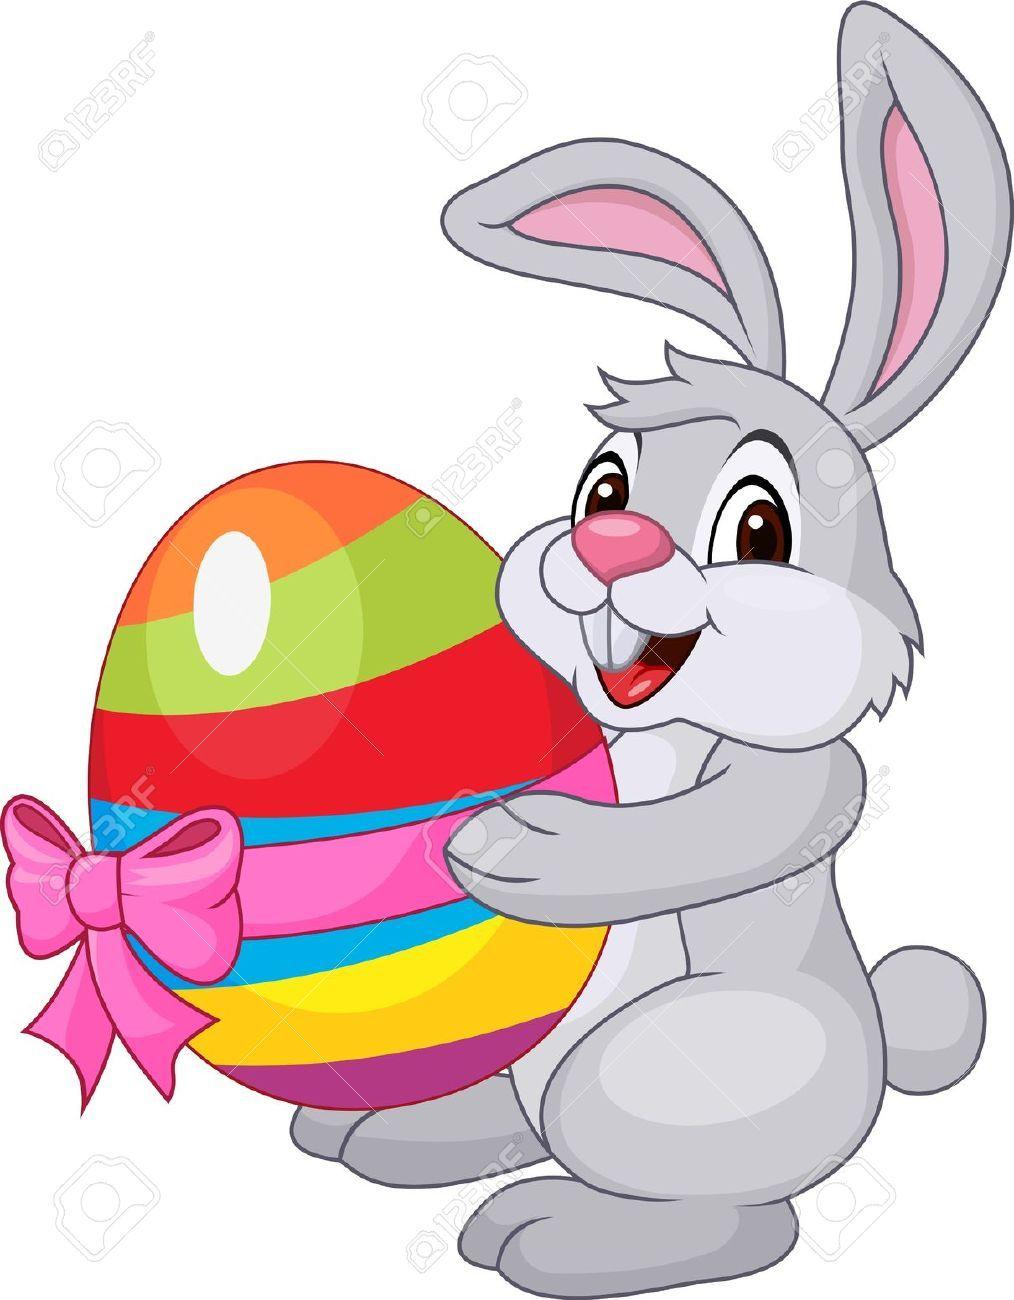 Rabbit Live Wallpaper Easter Bunny 339180 Hd Wallpaper